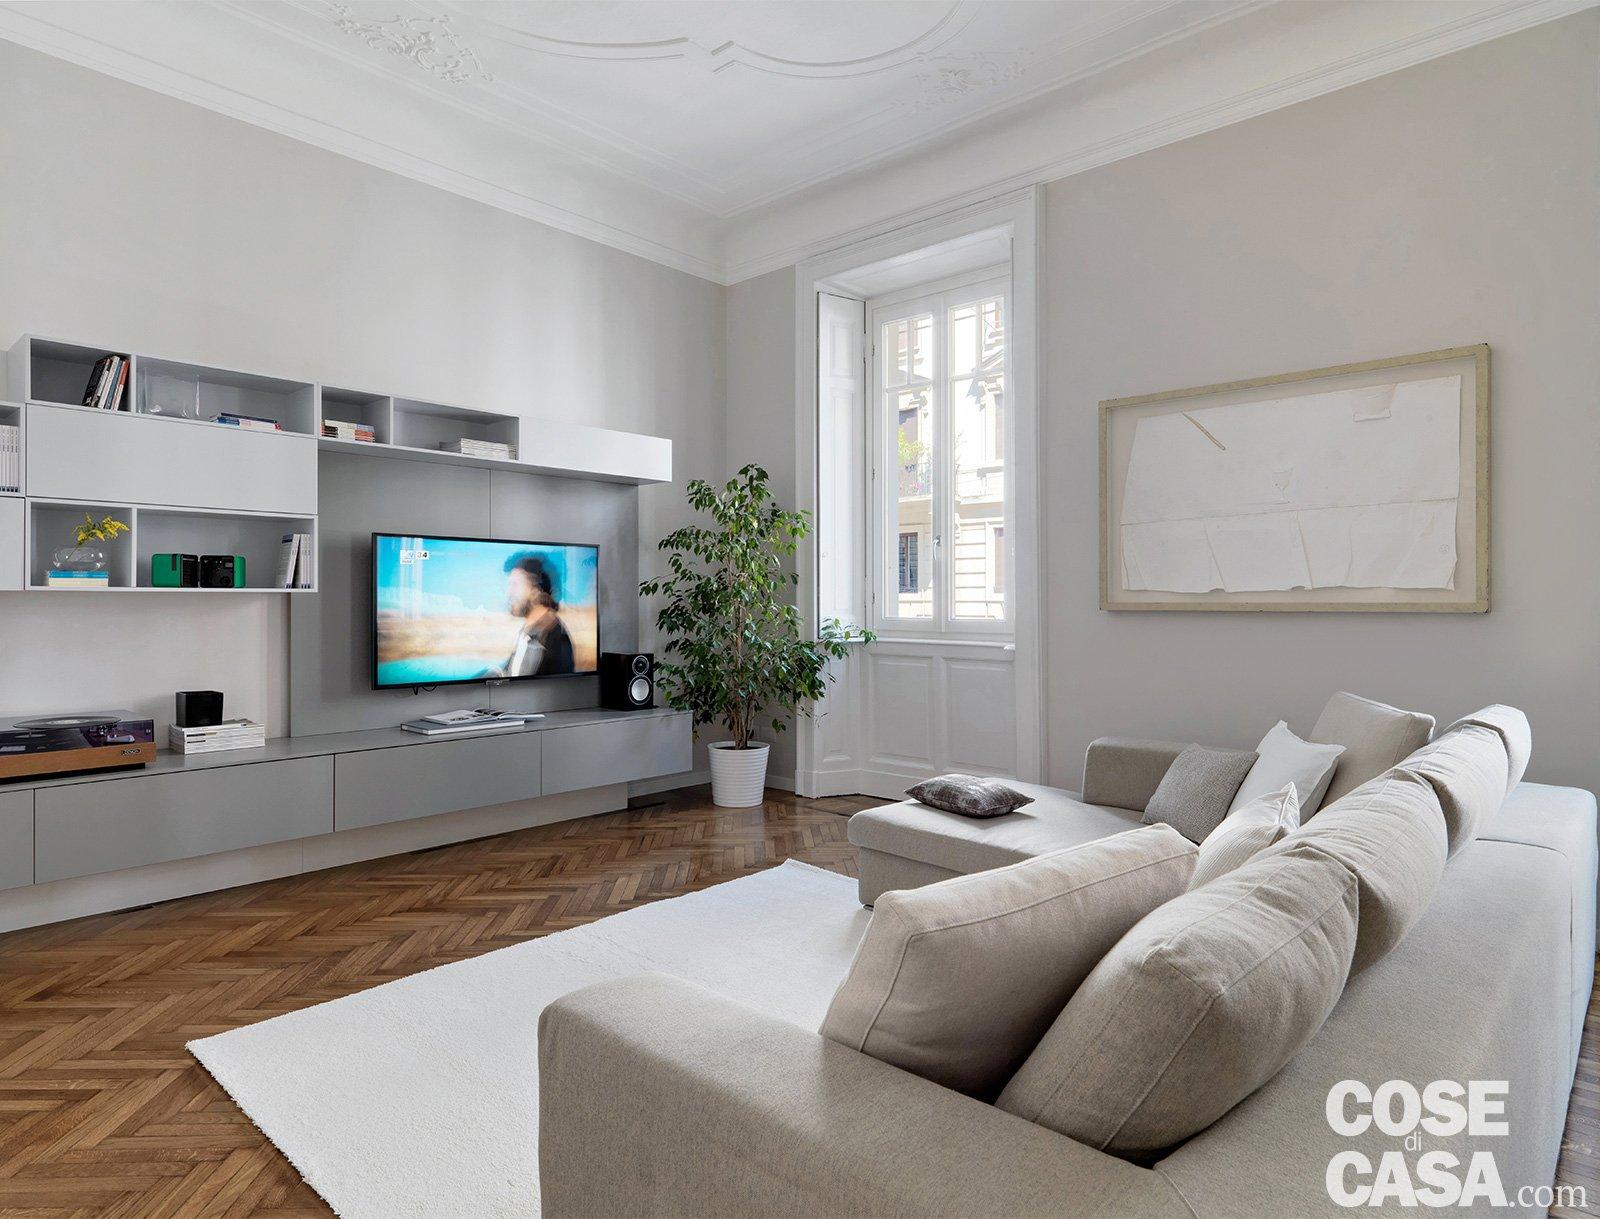 140 mq una casa con pavimenti originari in parquet e - Pitture da interno ...